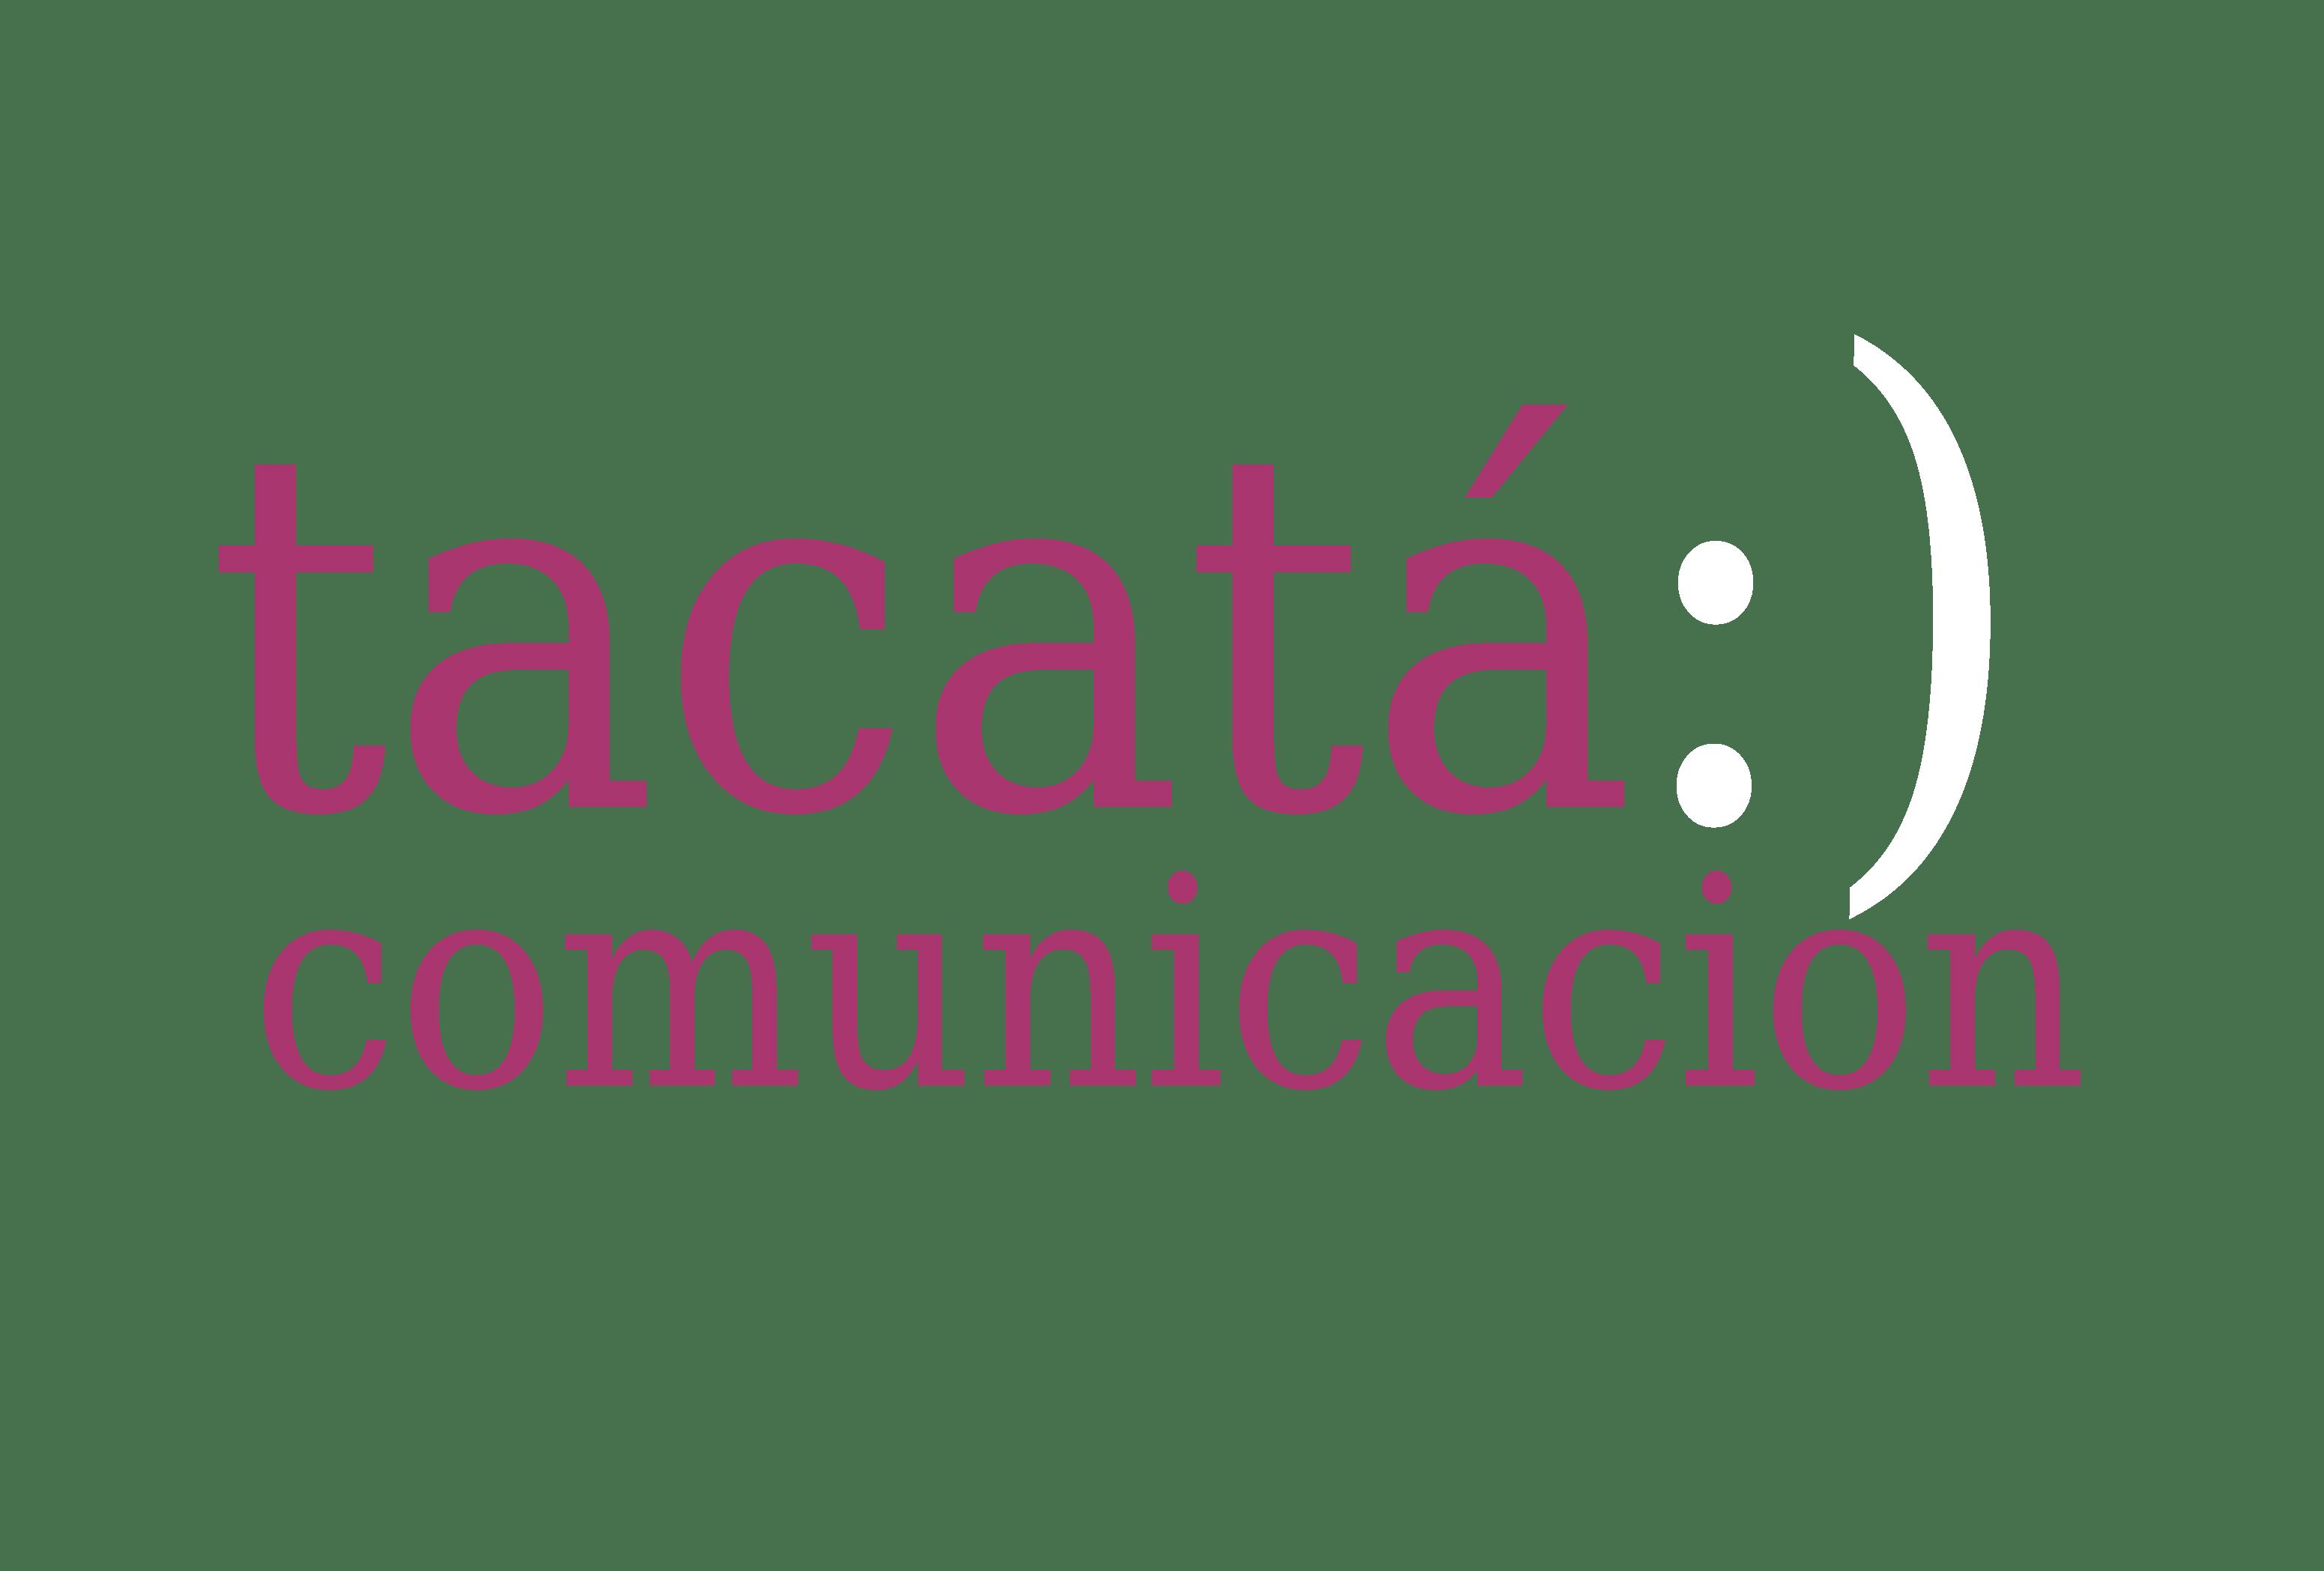 Agencia de Comunicación en Madrid especializada en temas en maternidad, paternidad, infancia, educación y salud.